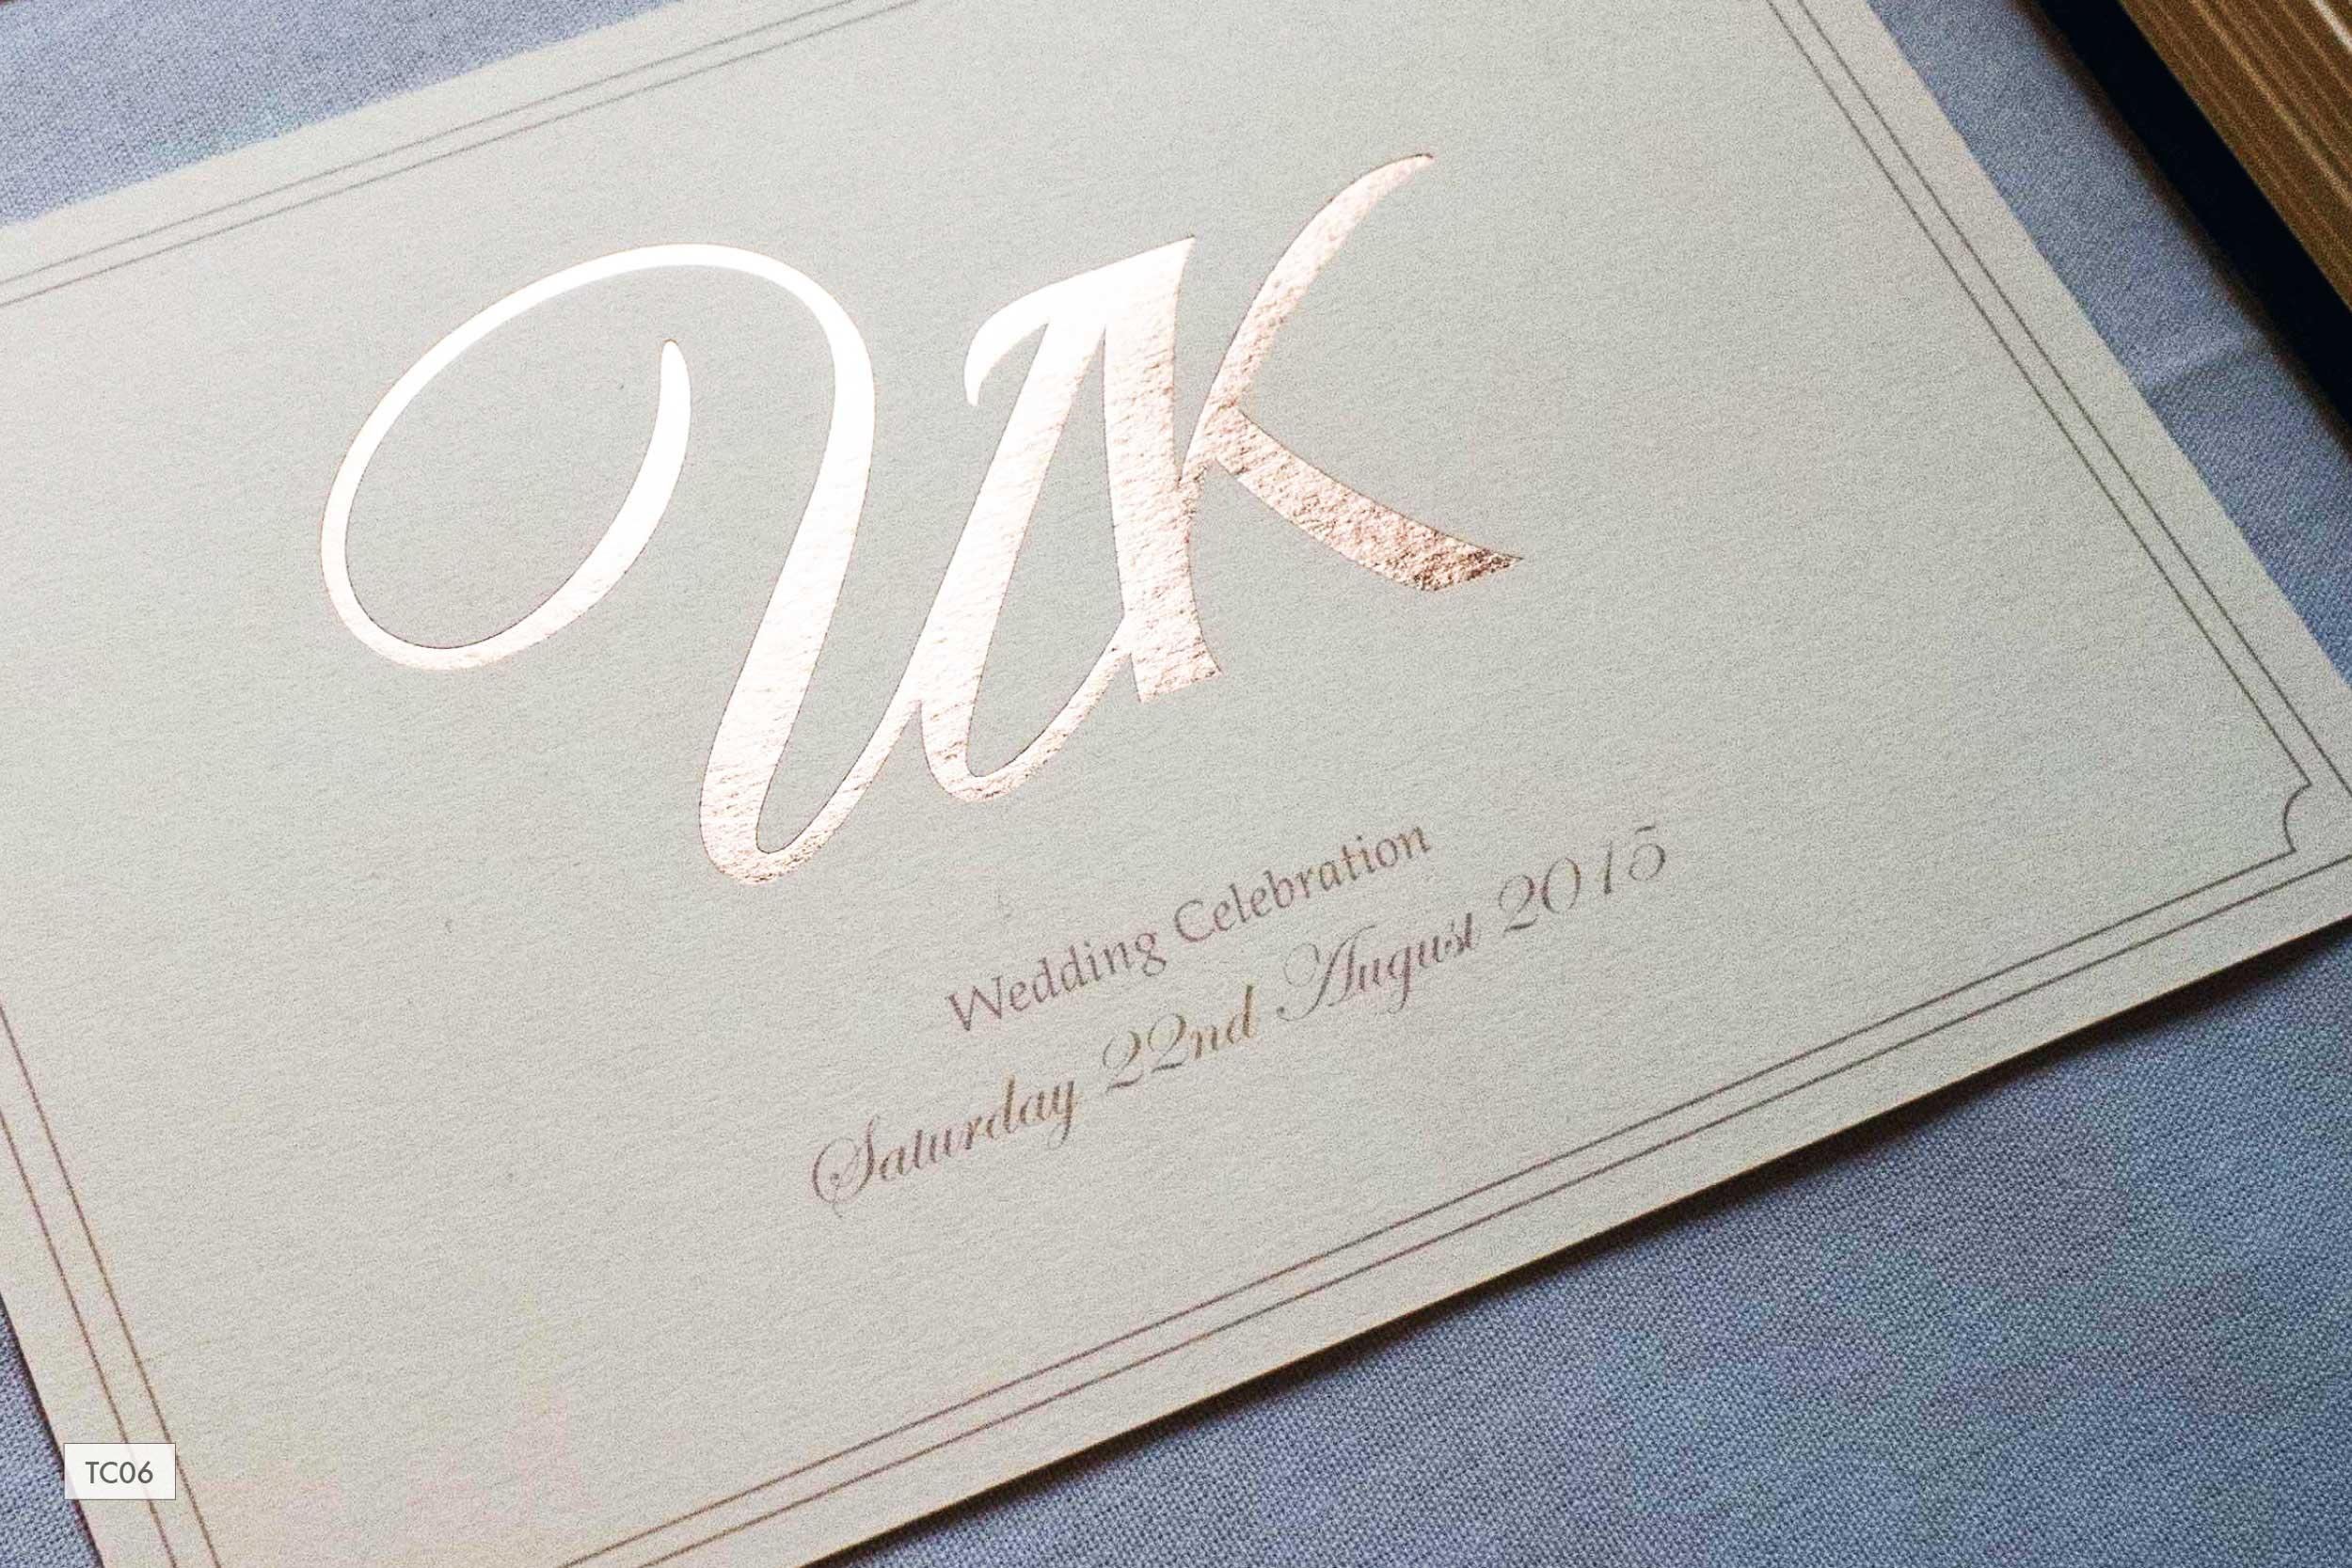 ananya-wedding-stationery-timeless-classics26.jpg